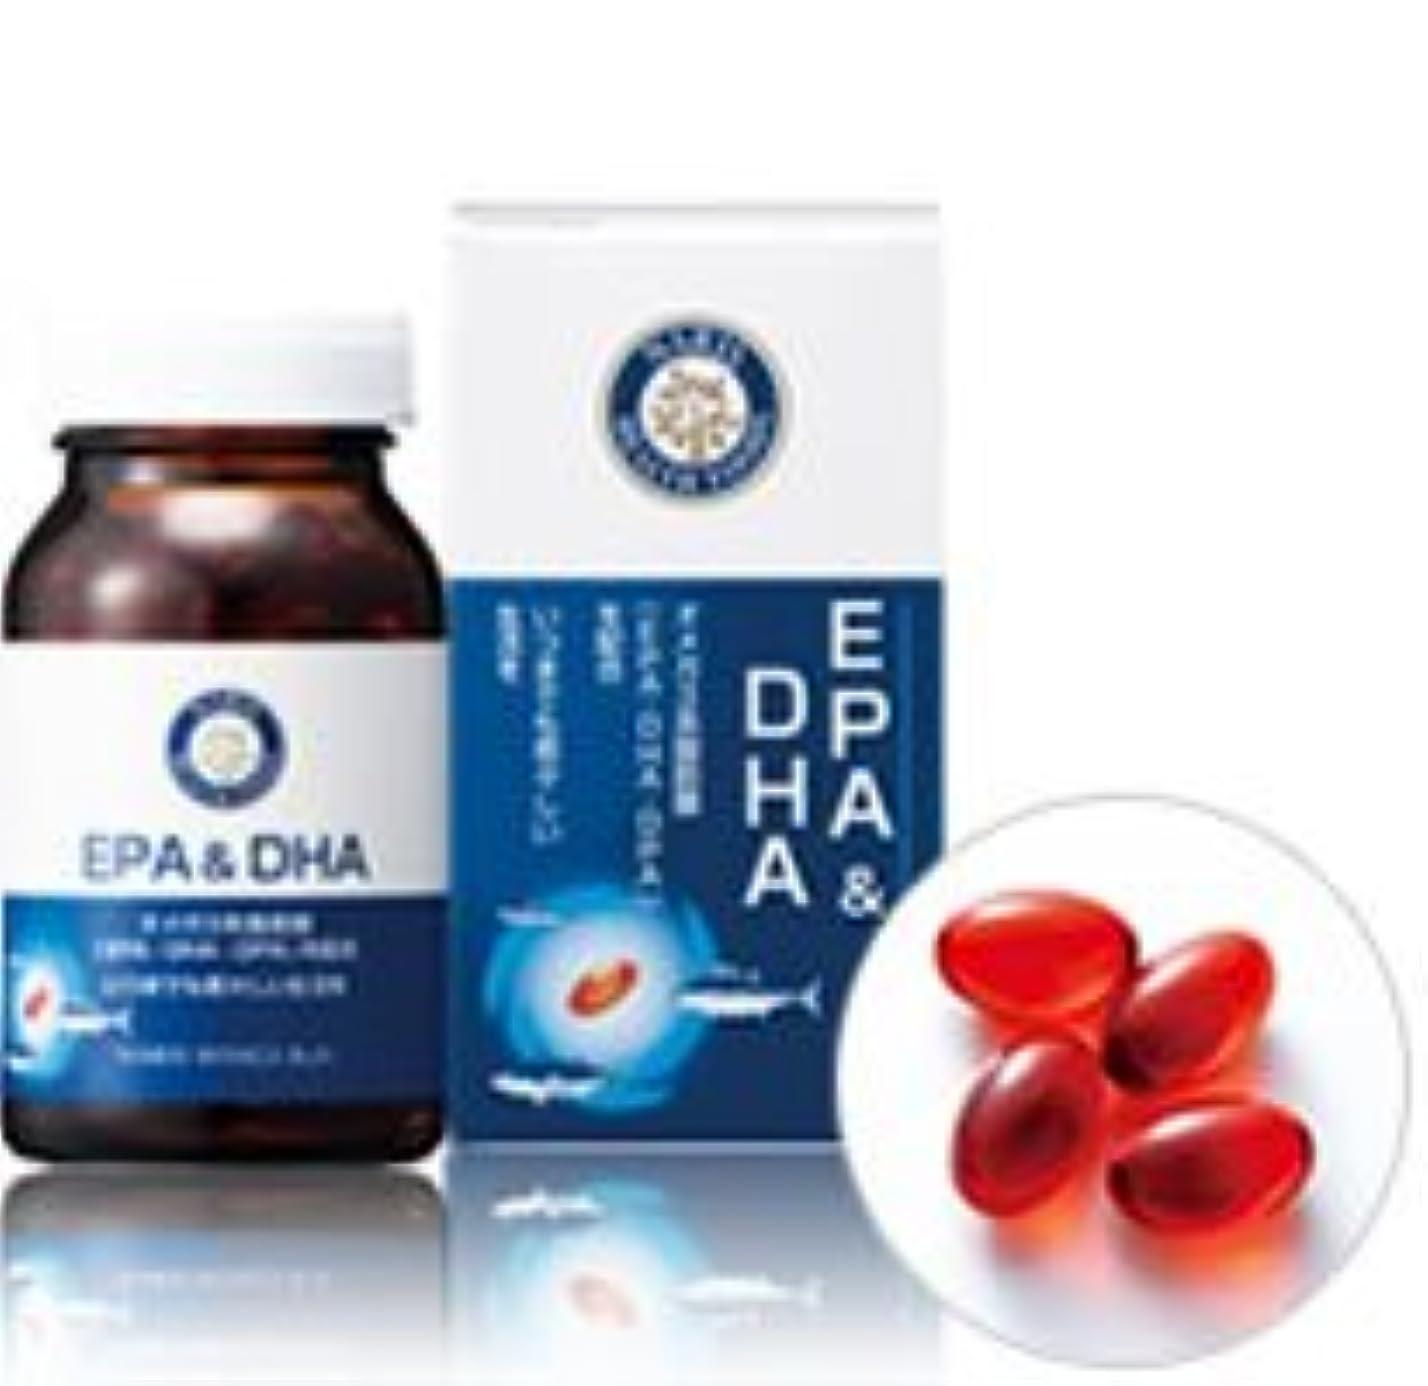 かんがい壁紙始めるナリス EPA&DHA(120粒)